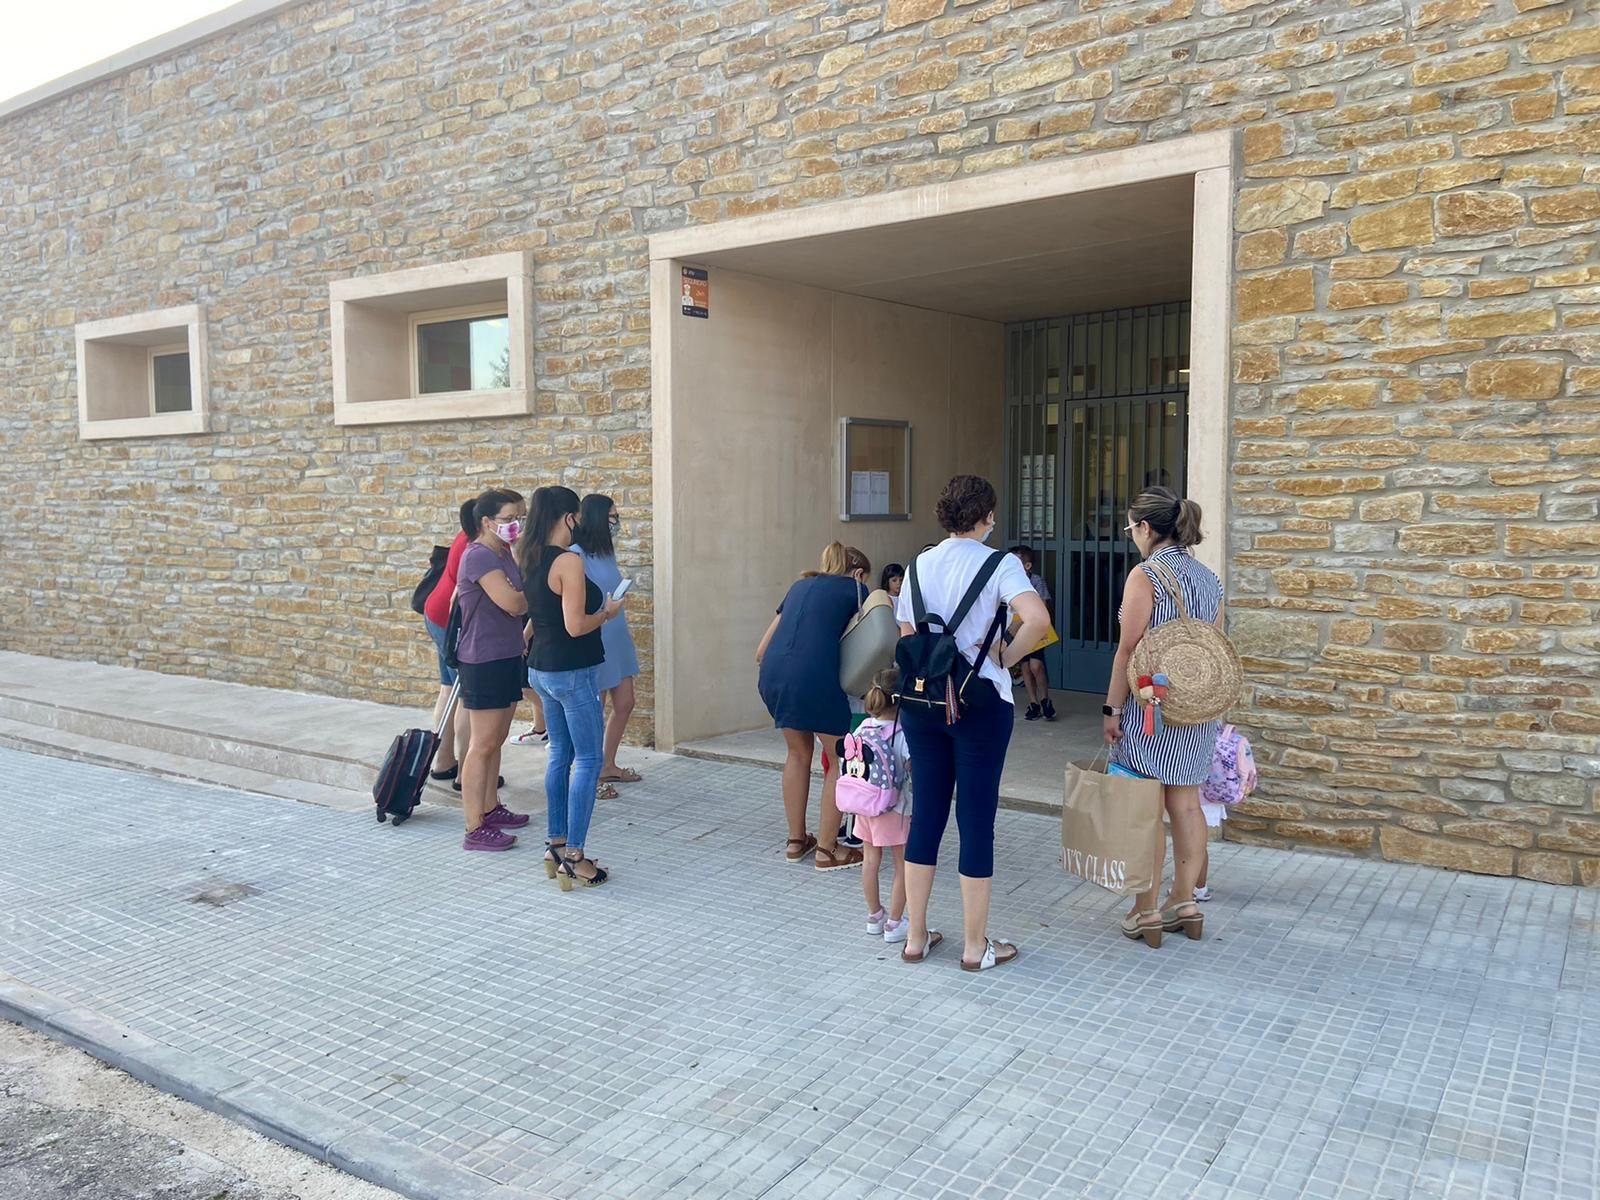 Las mejores imágenes de la vuelta al cole en Castellón